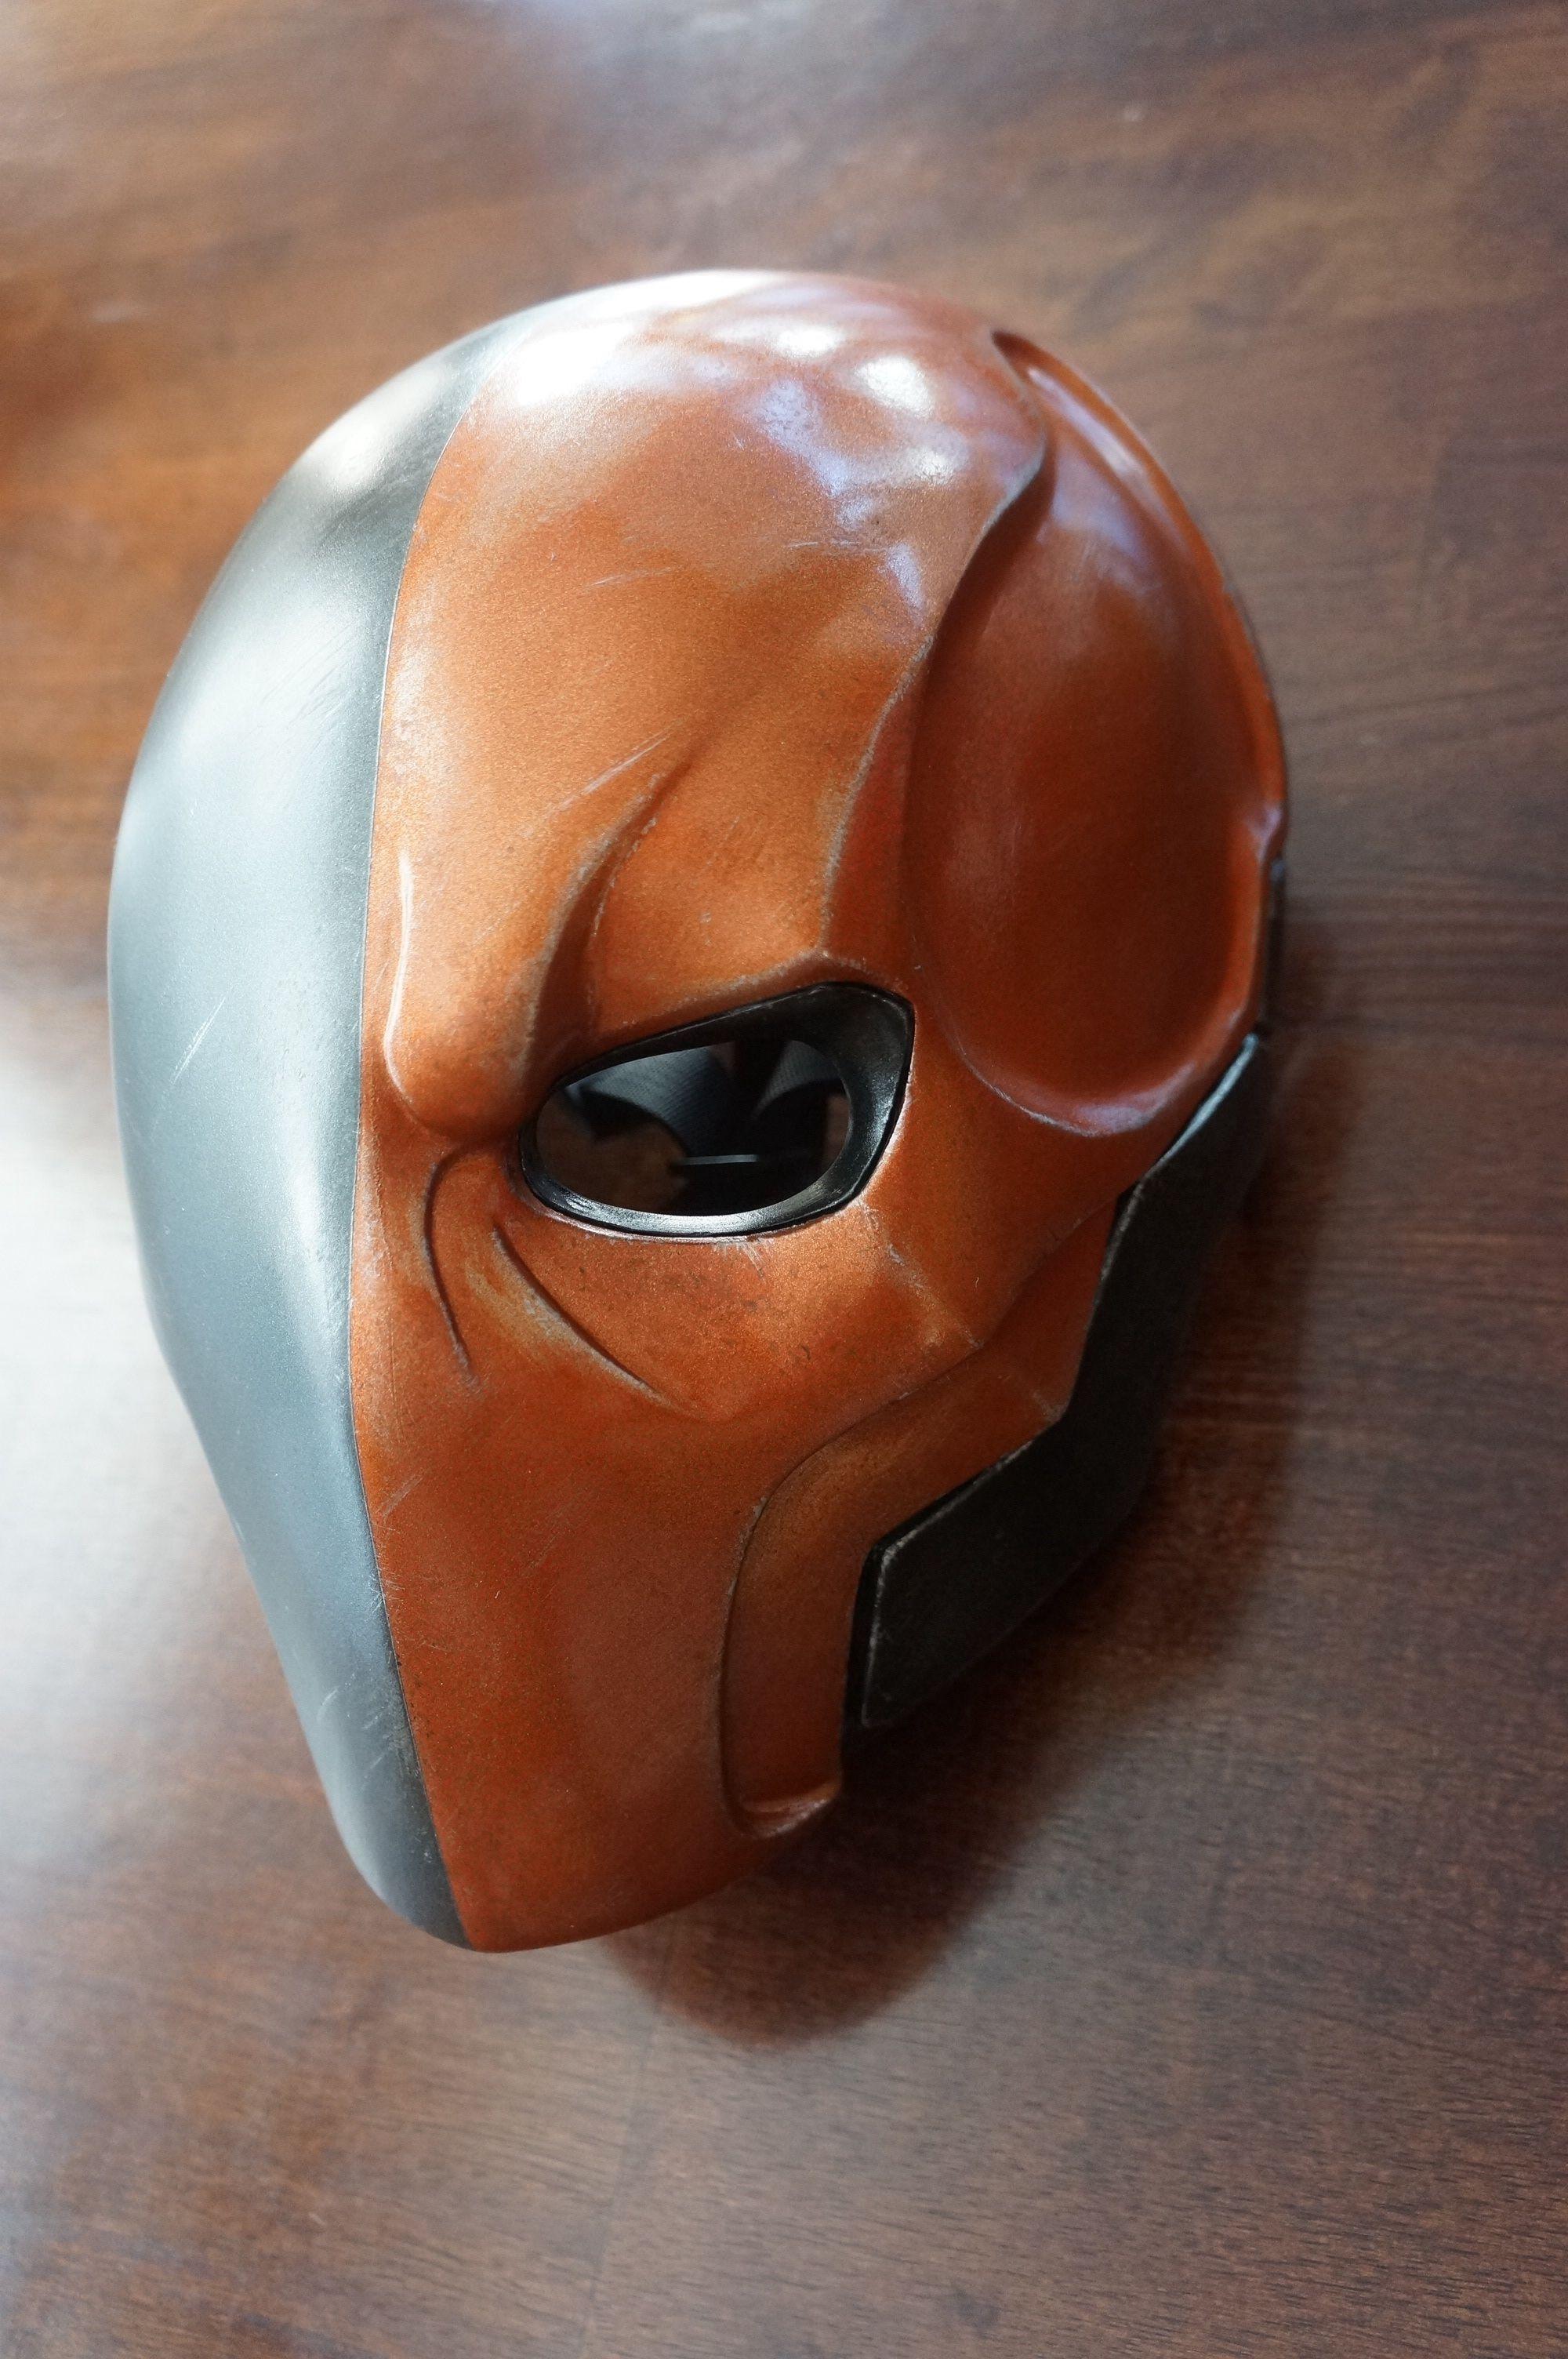 arkham-origins-deathstroke-mask-wip-image.jpg-261906d1386302890 ...